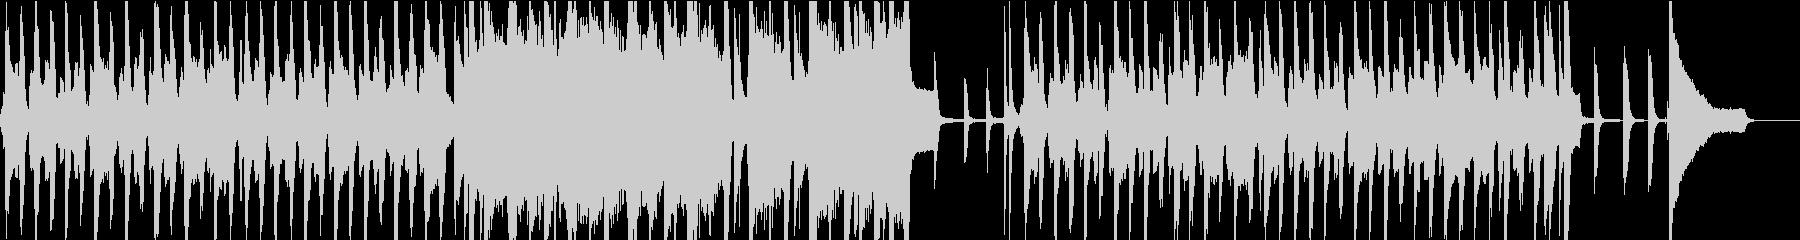 リコーダーでシャッフルのほのぼのポップスの未再生の波形